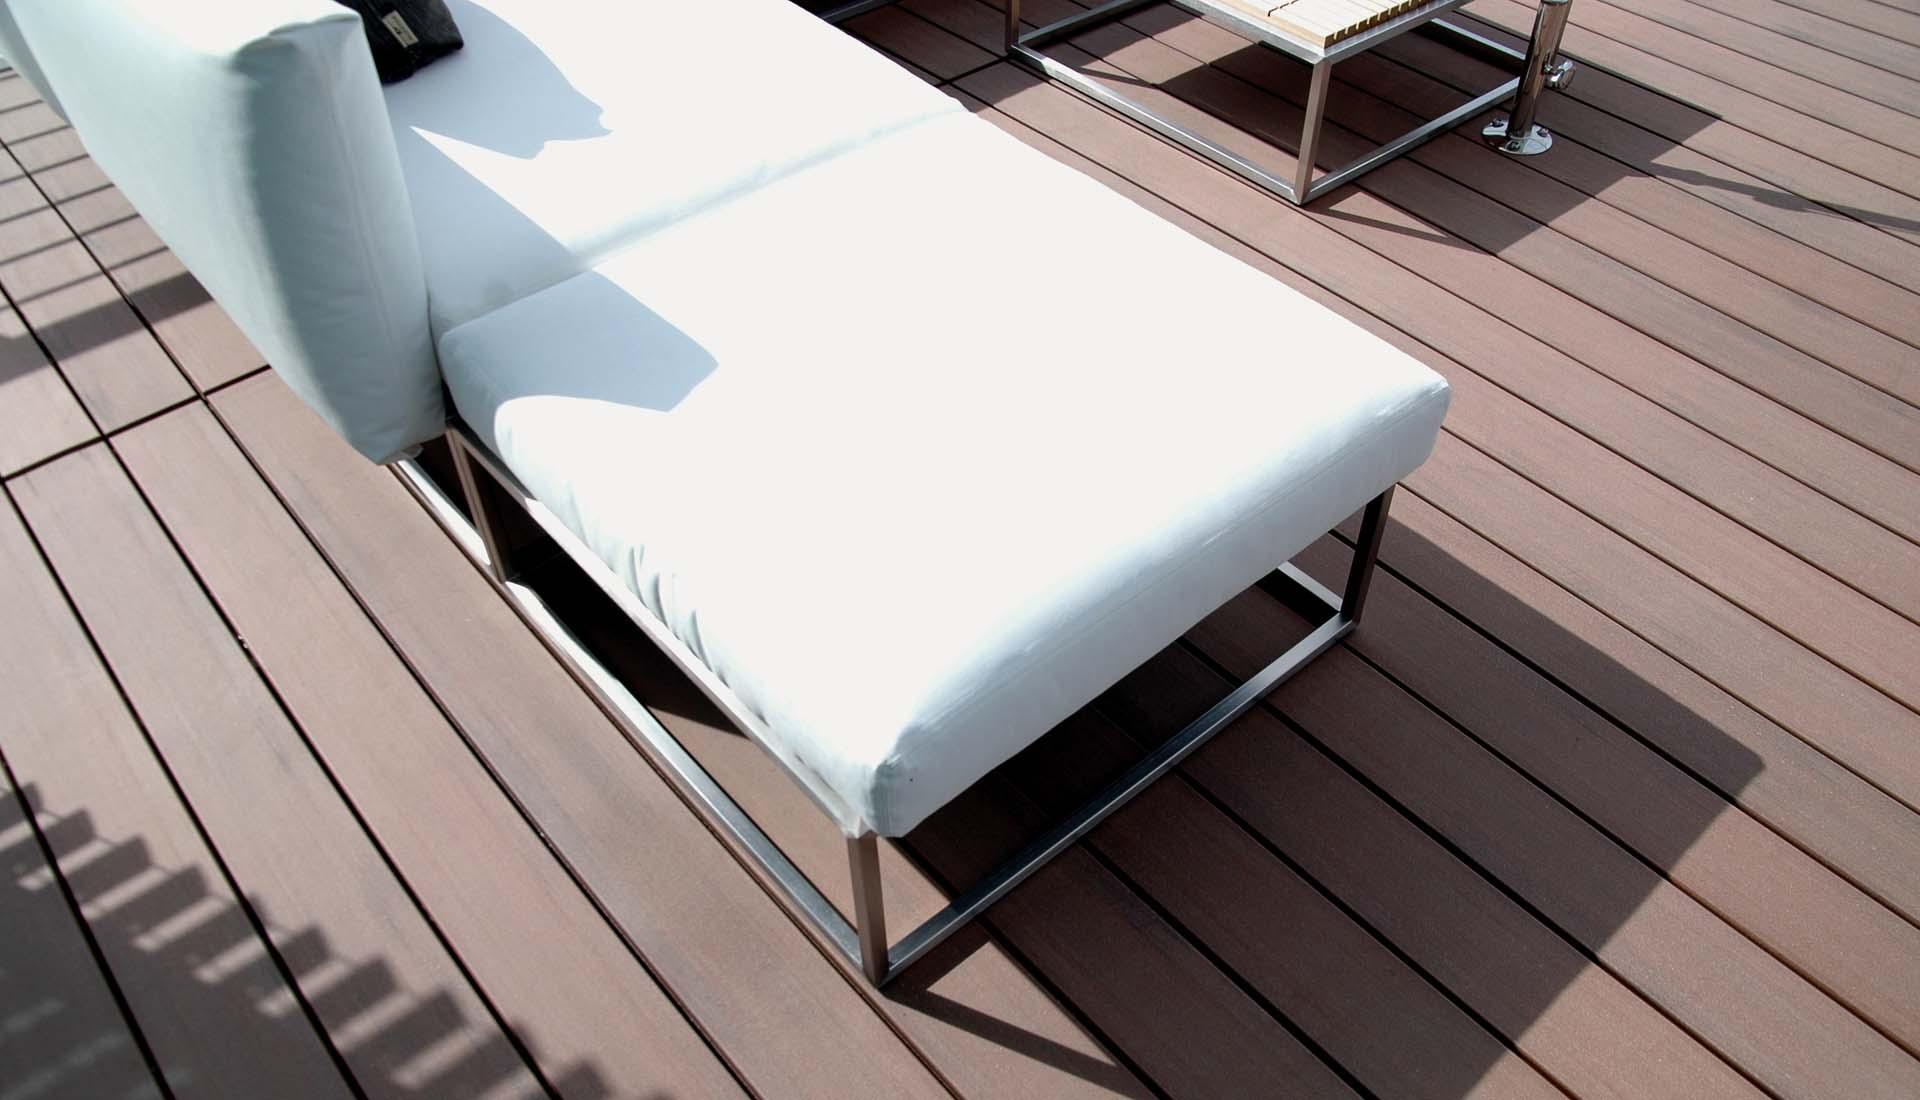 kontakt mydeck showroom hamburg m nchen frankfurt. Black Bedroom Furniture Sets. Home Design Ideas